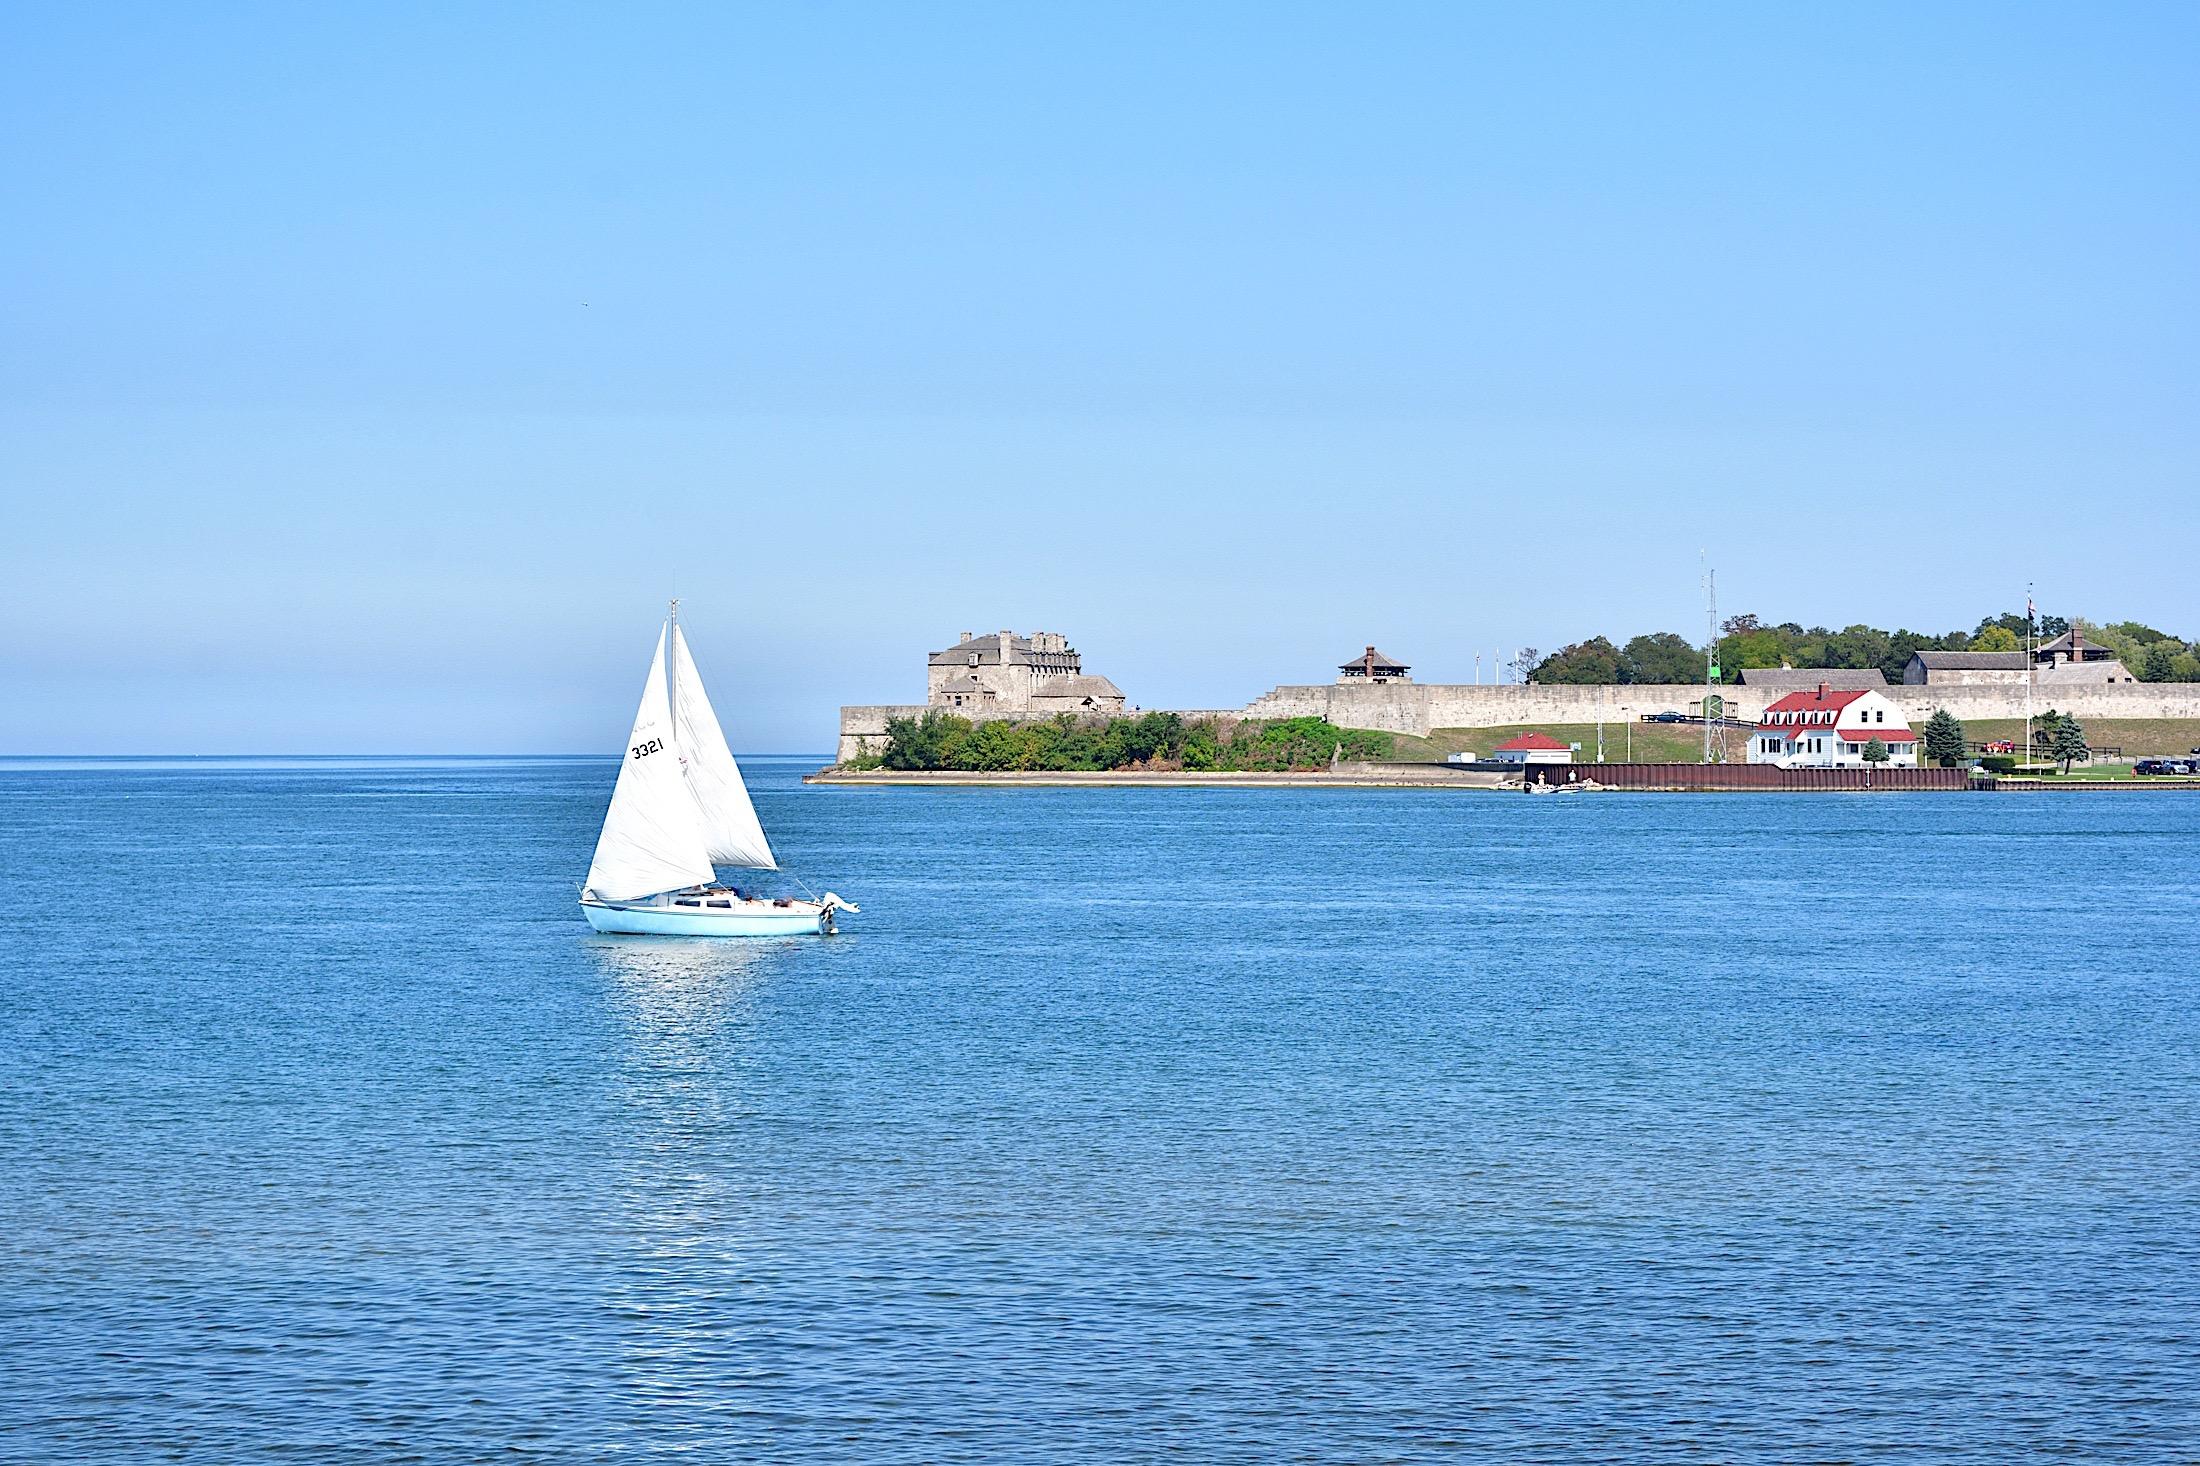 Boat near Niagara on the Lake